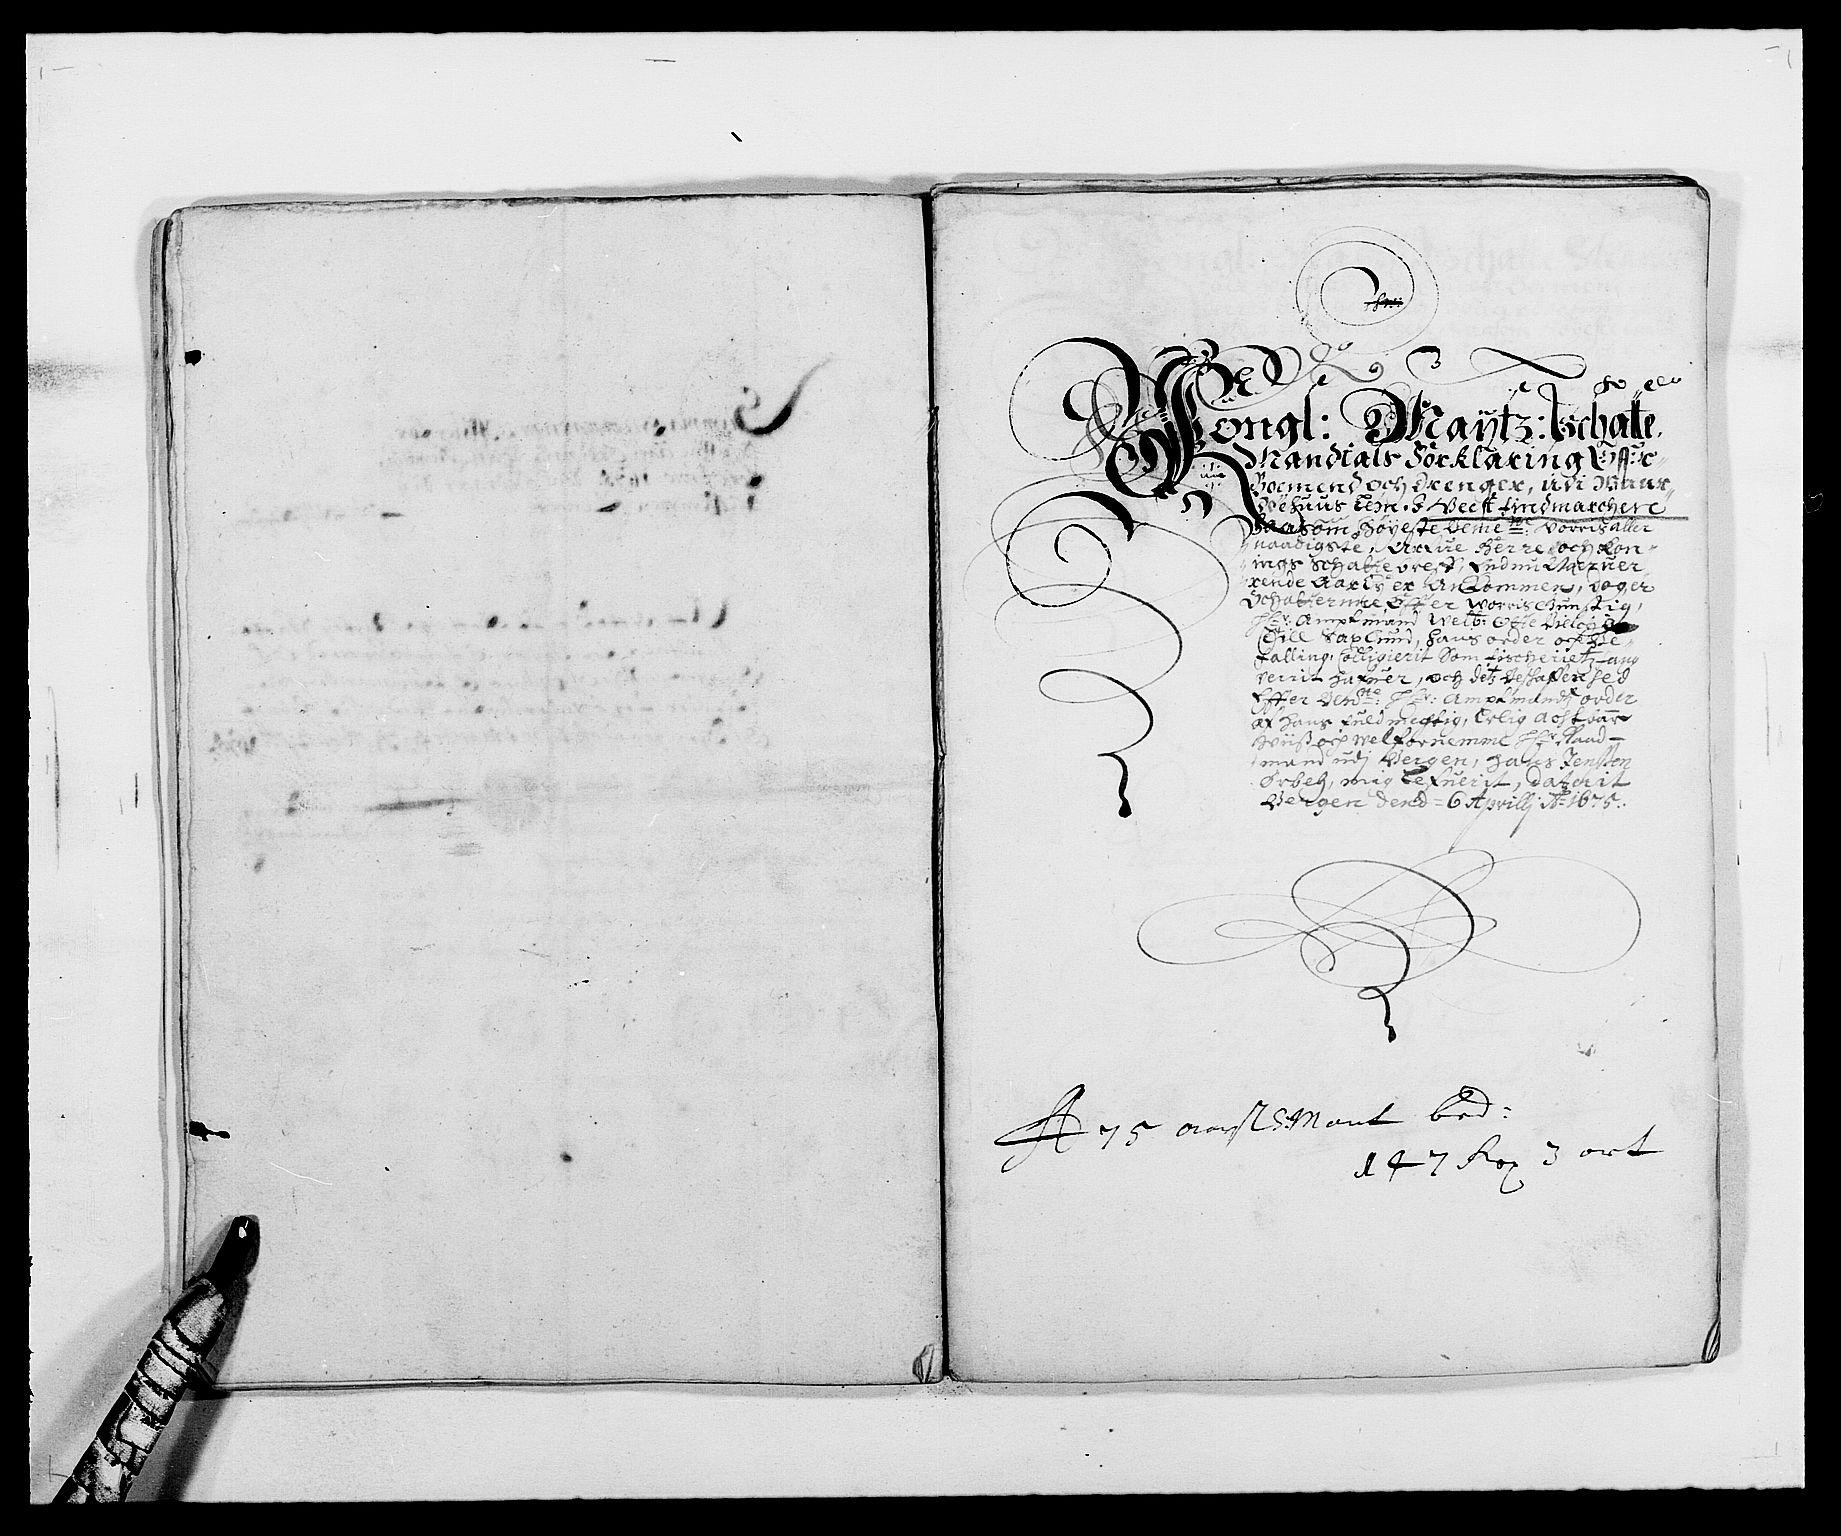 RA, Rentekammeret inntil 1814, Reviderte regnskaper, Fogderegnskap, R69/L4849: Fogderegnskap Finnmark/Vardøhus, 1661-1679, s. 329